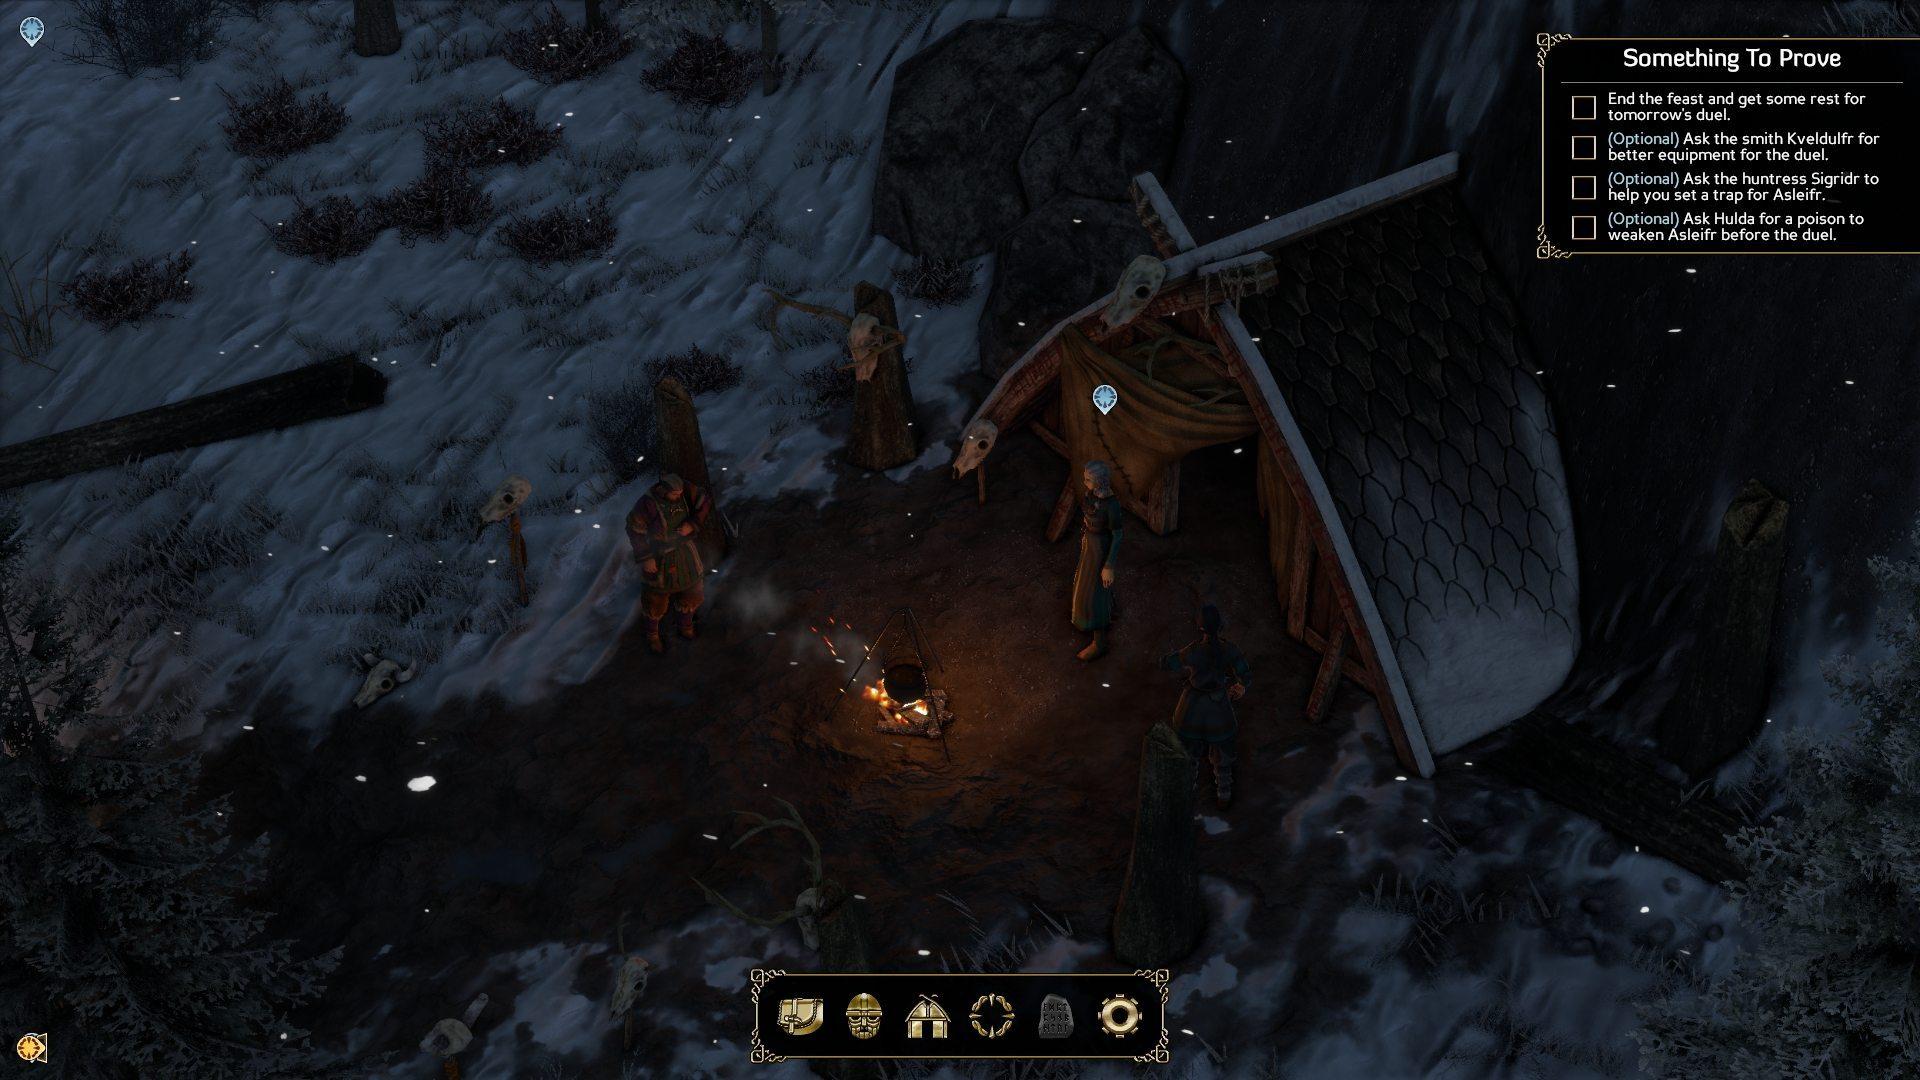 VikingInterviewPic5